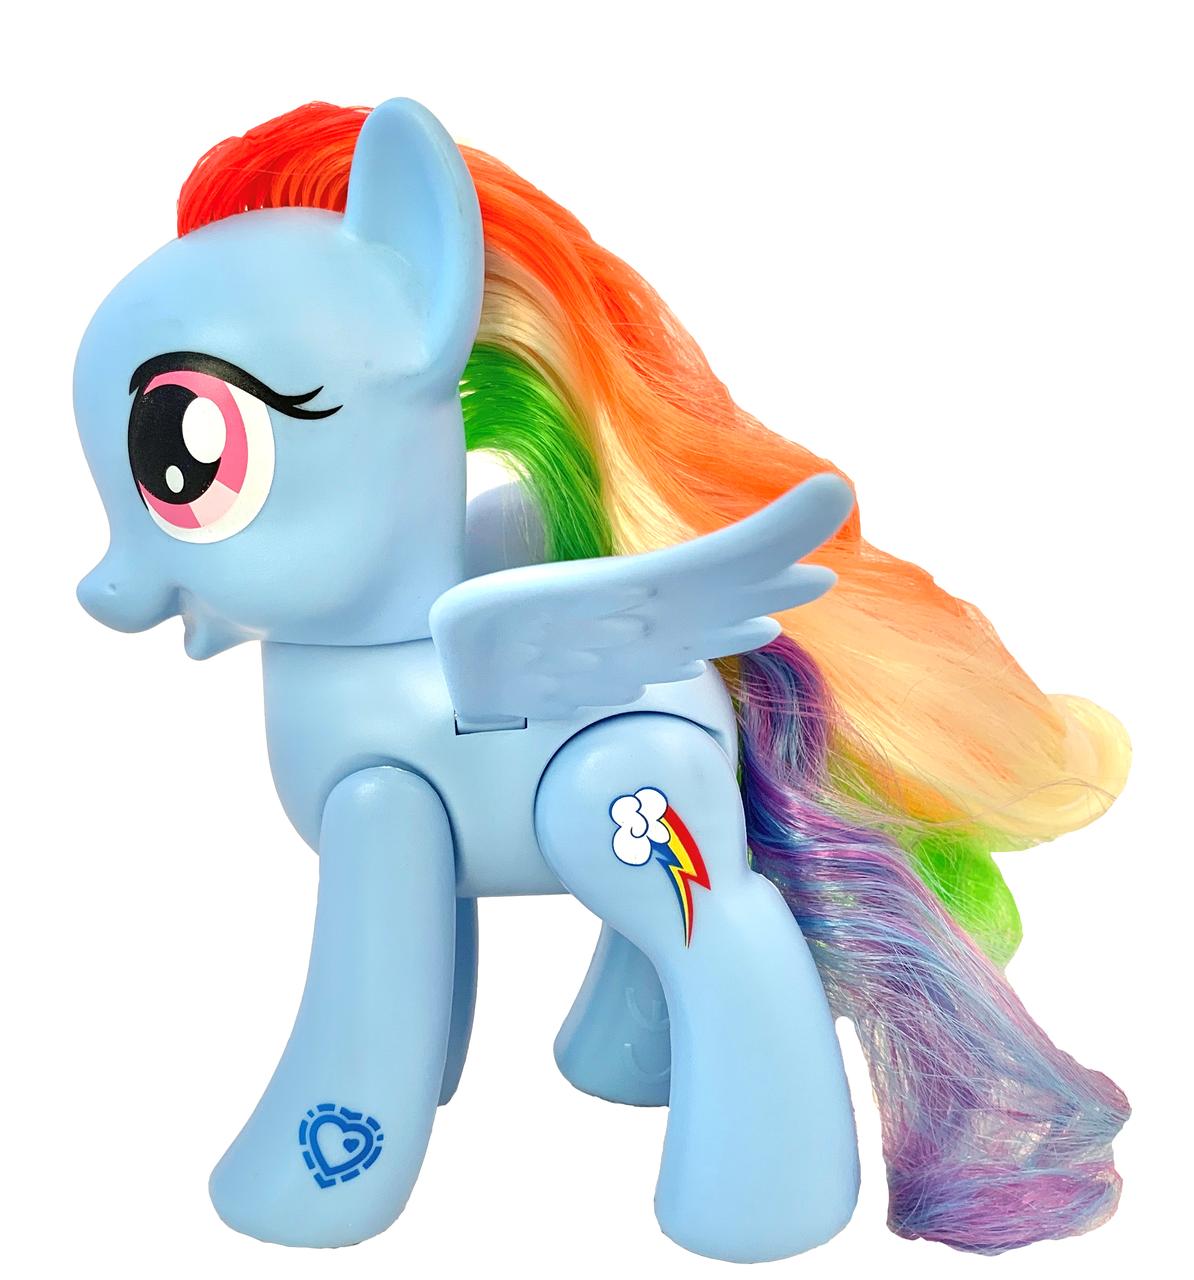 Игрушка-фигурка Hasbro Рейнбоу Деш, Мой маленький Пони, 15 см - Rainbow Dash,My Little Pony  Explore Equestria